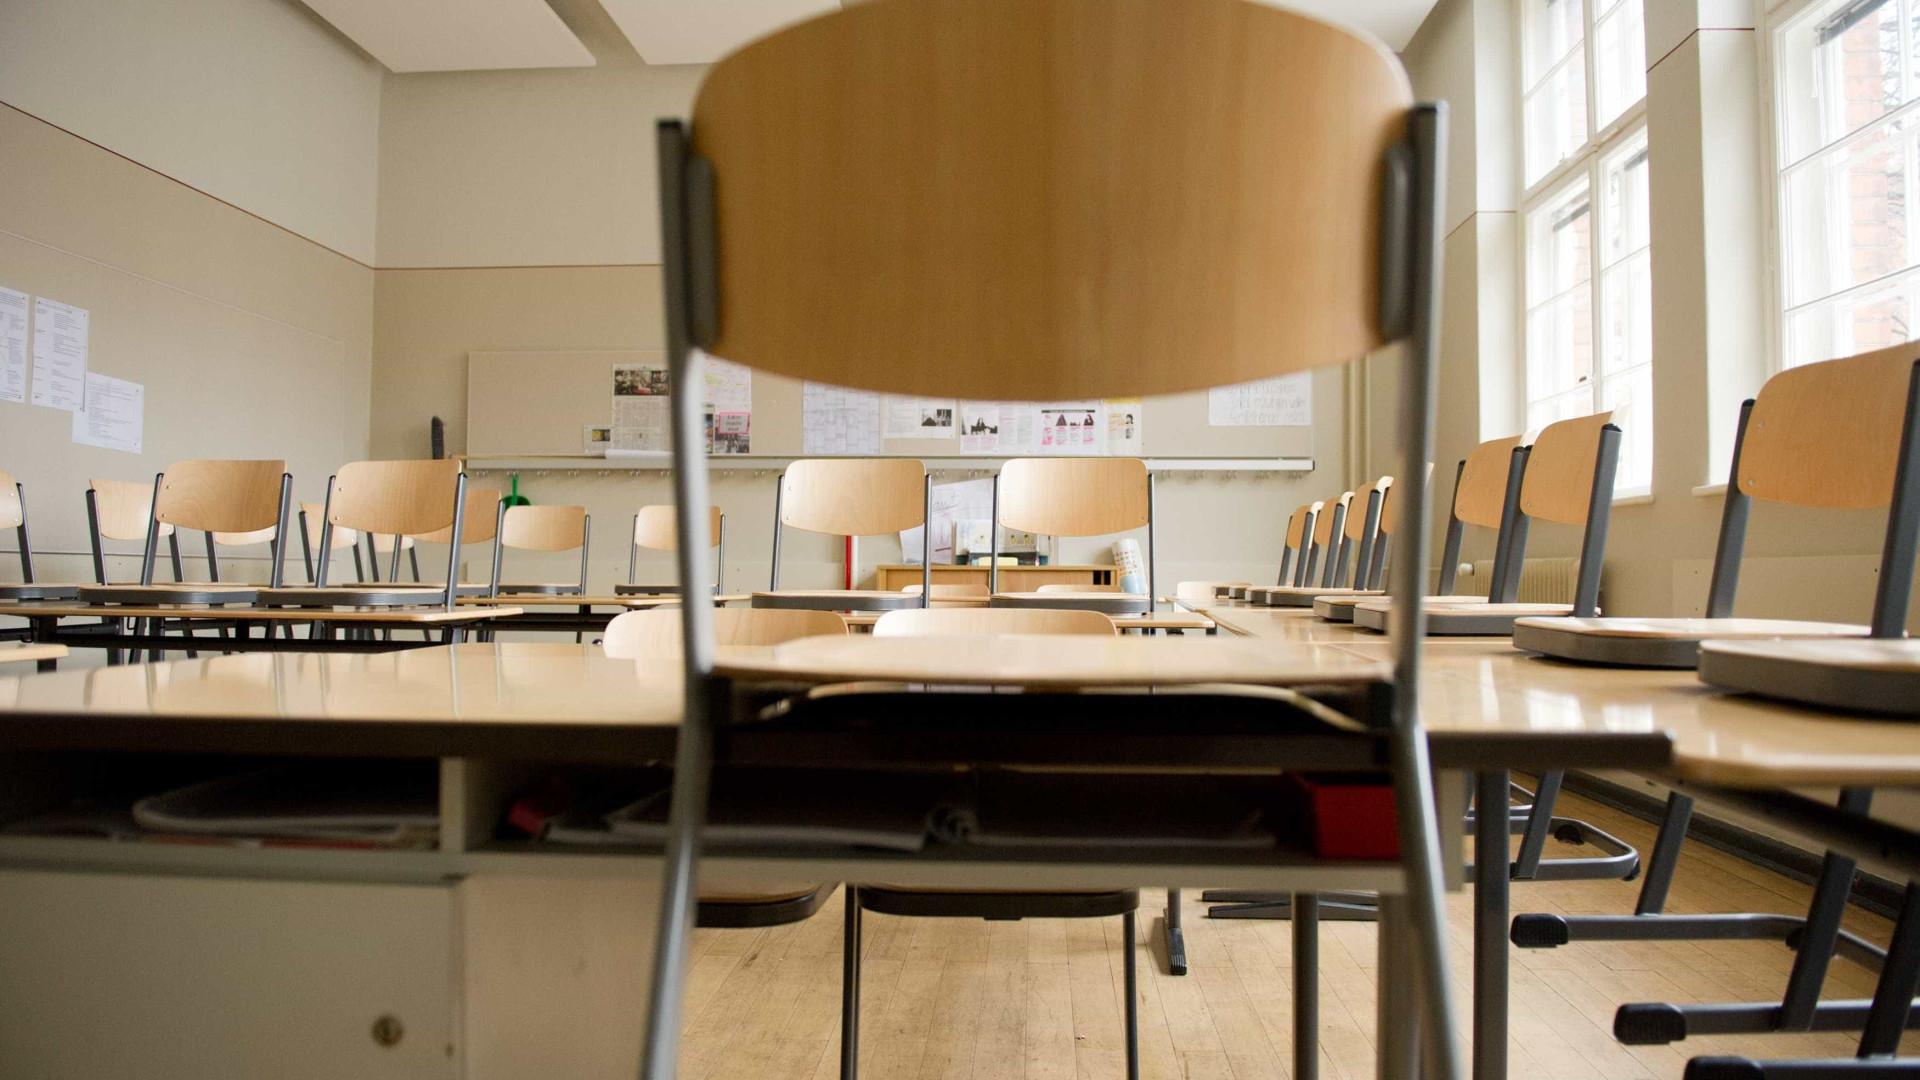 Taxa de abstenção do segundo dia de provas do Enem atinge 32%